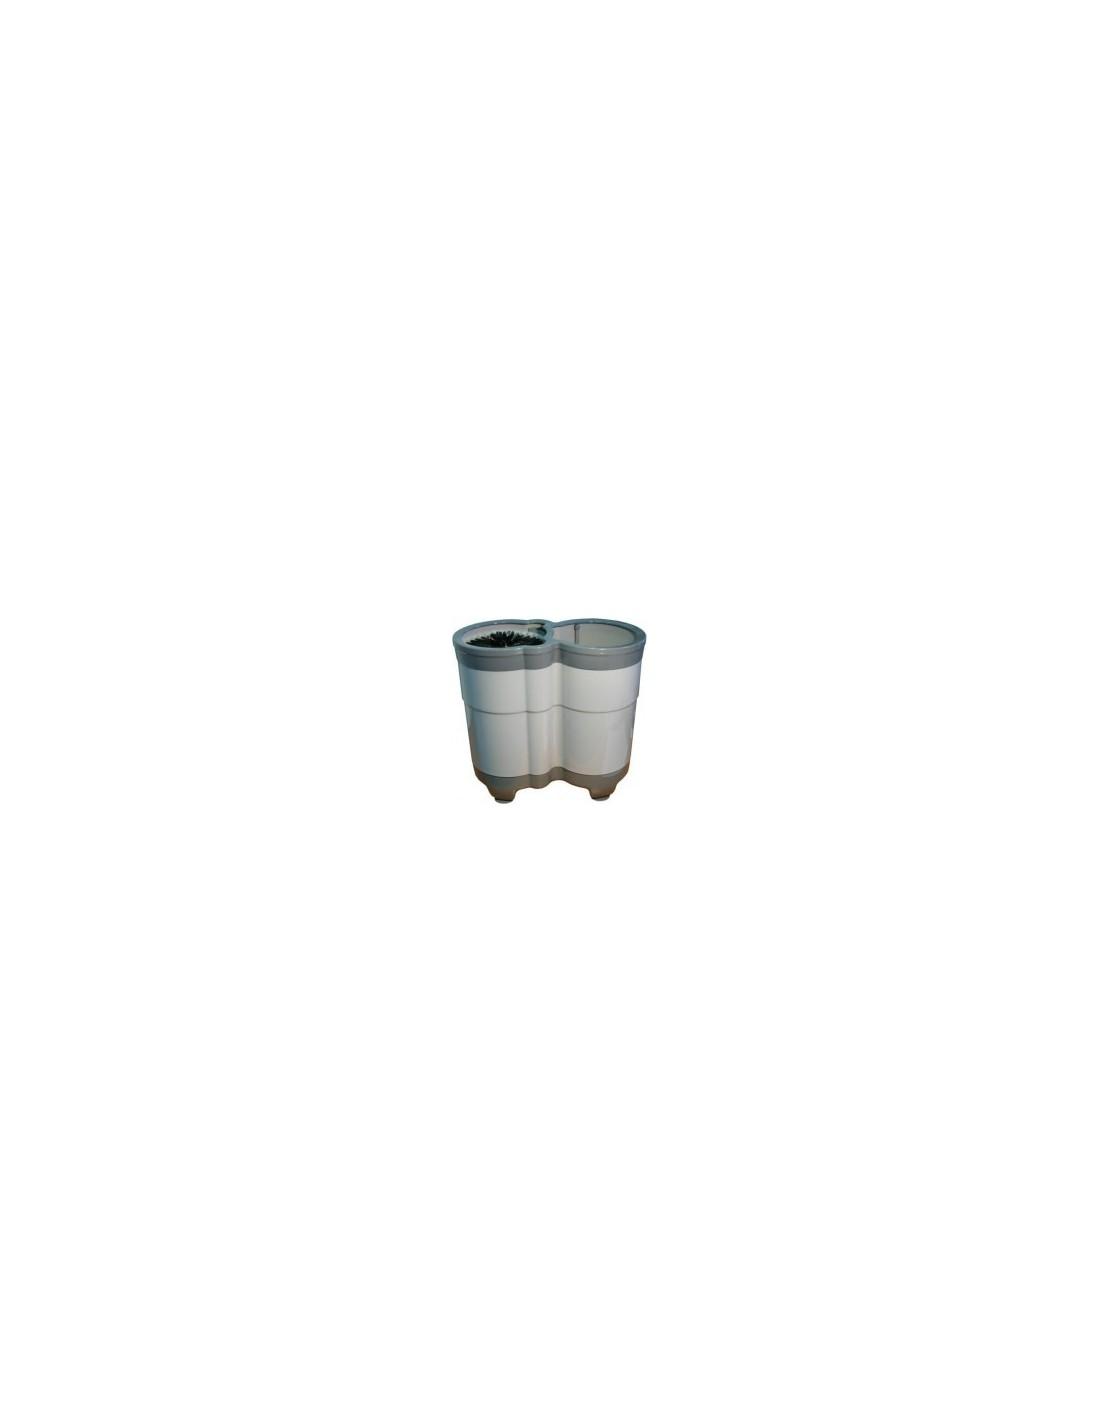 MYK00763 - Dunetic Glass Wash (double)